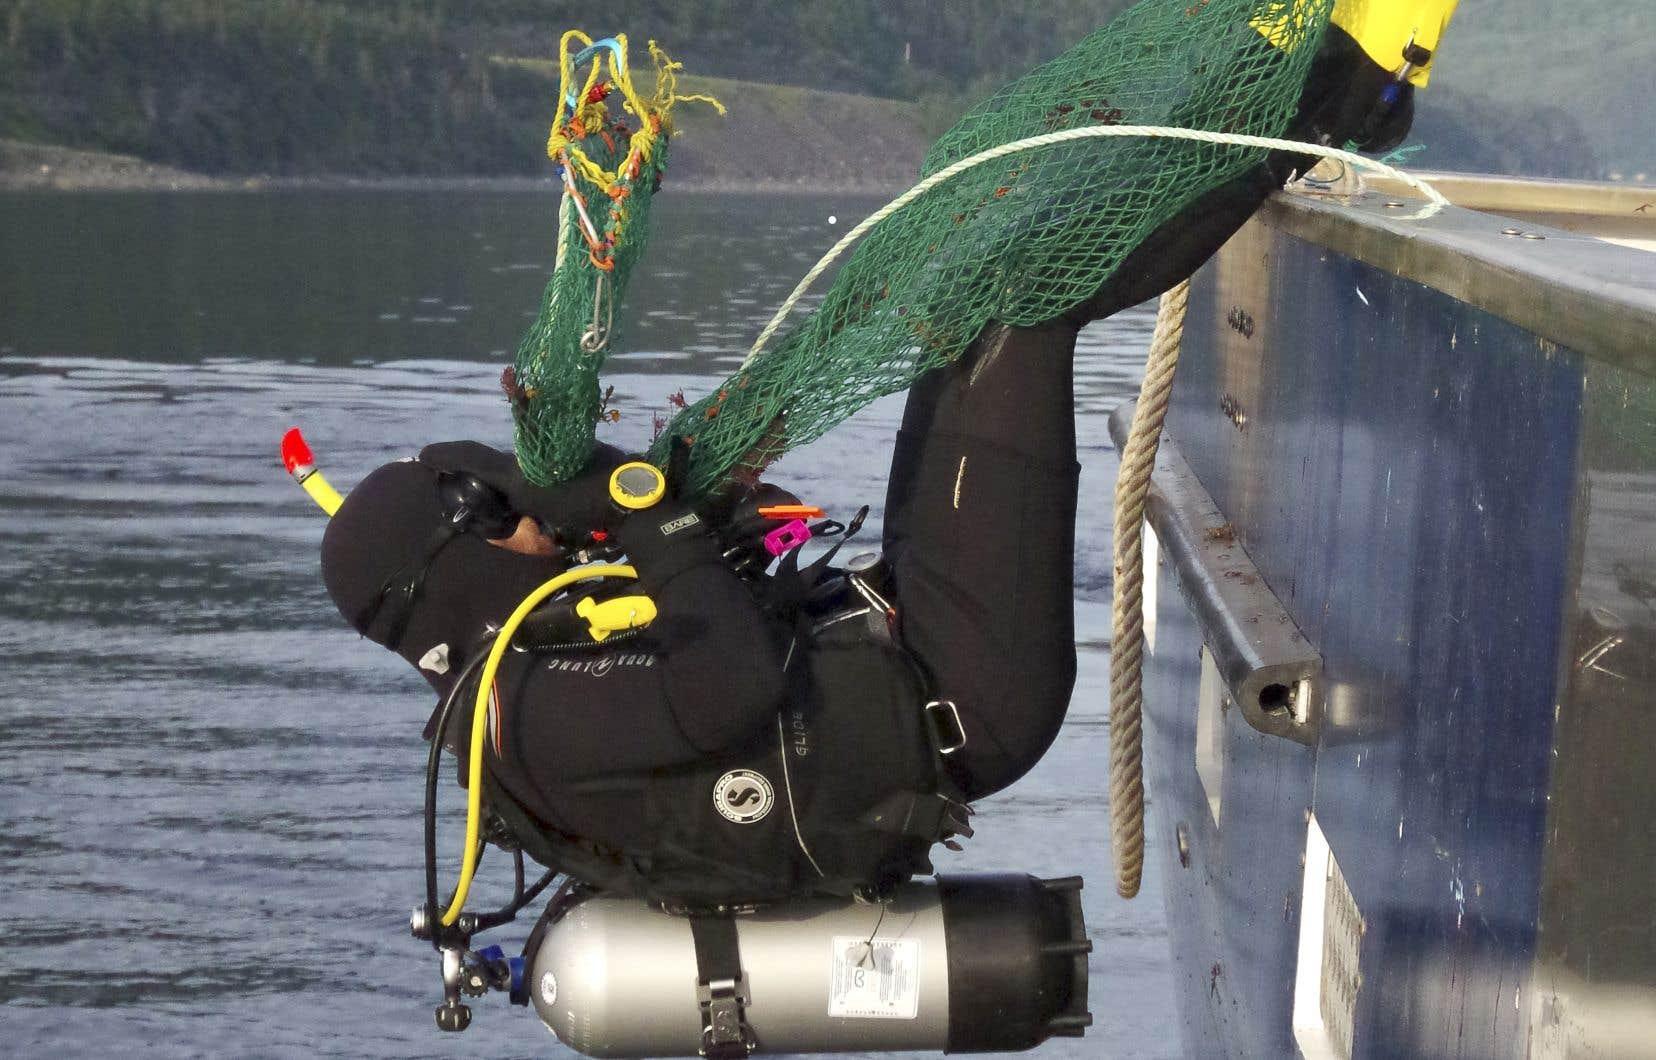 Les plongeurs descendent jusqu'à 18 m de profondeur pour ramasser de 2500 à 5000 livres d'holothuries par jour.